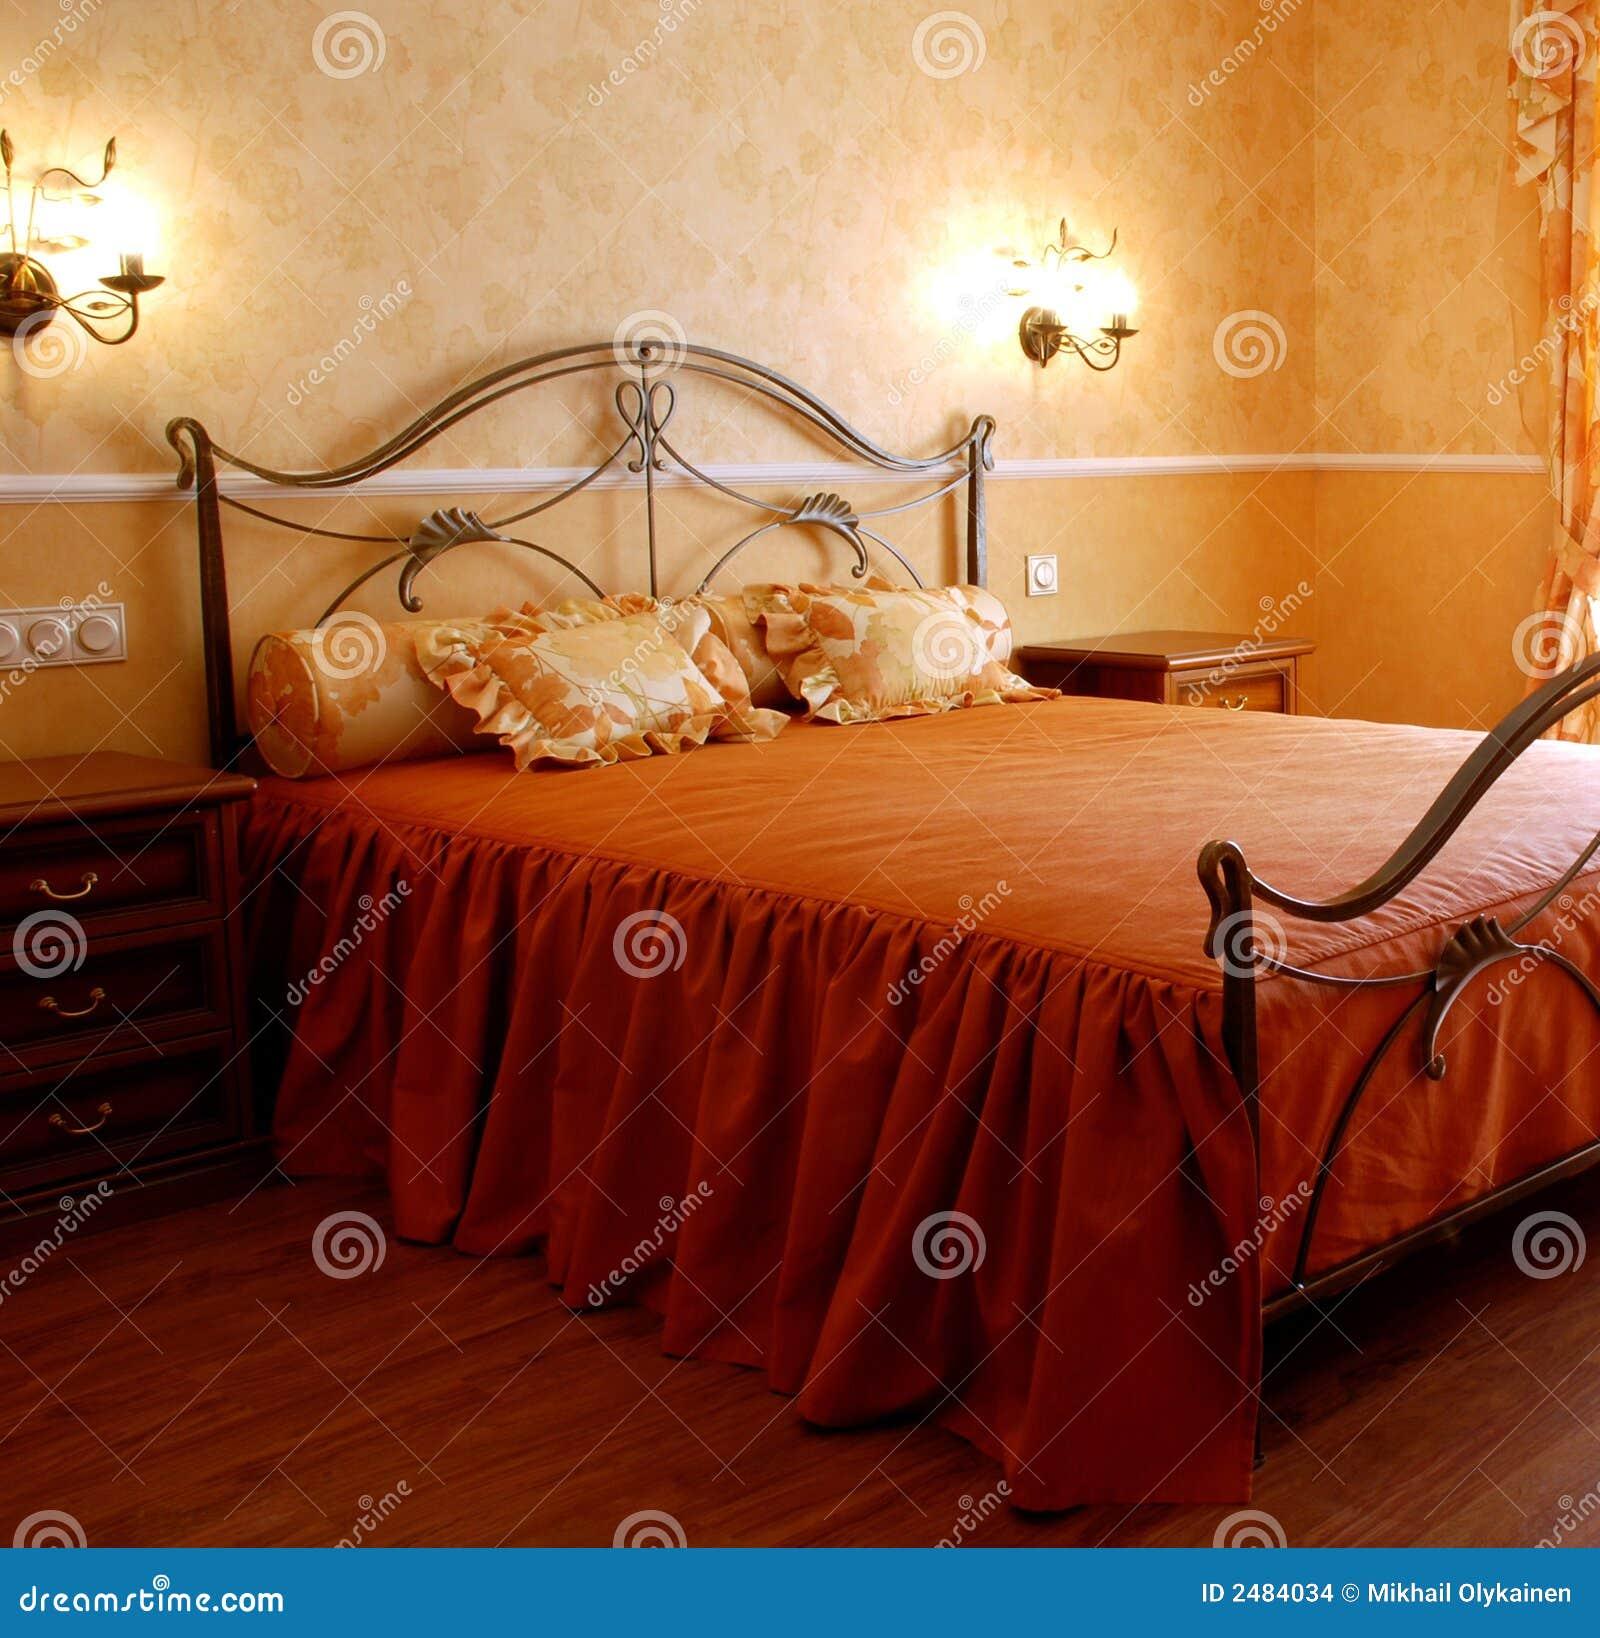 Chambre coucher romantique images stock image 2484034 for Chambre romantique 13